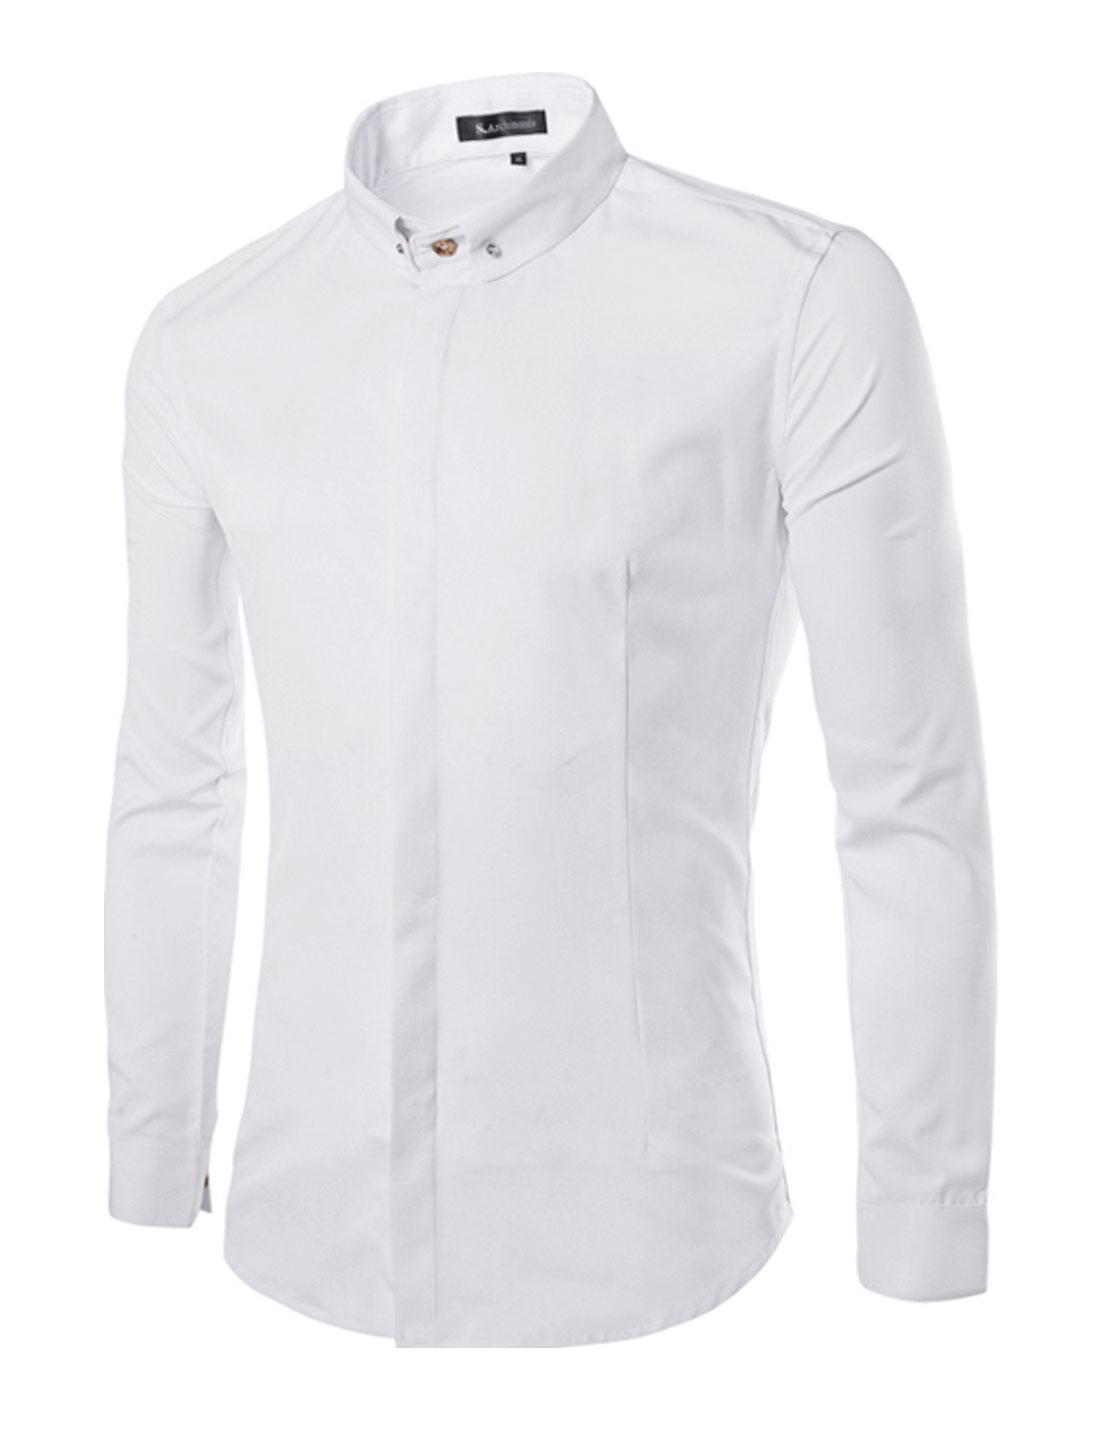 Men Point Collar Long Sleeves Plain Front Shirt White S